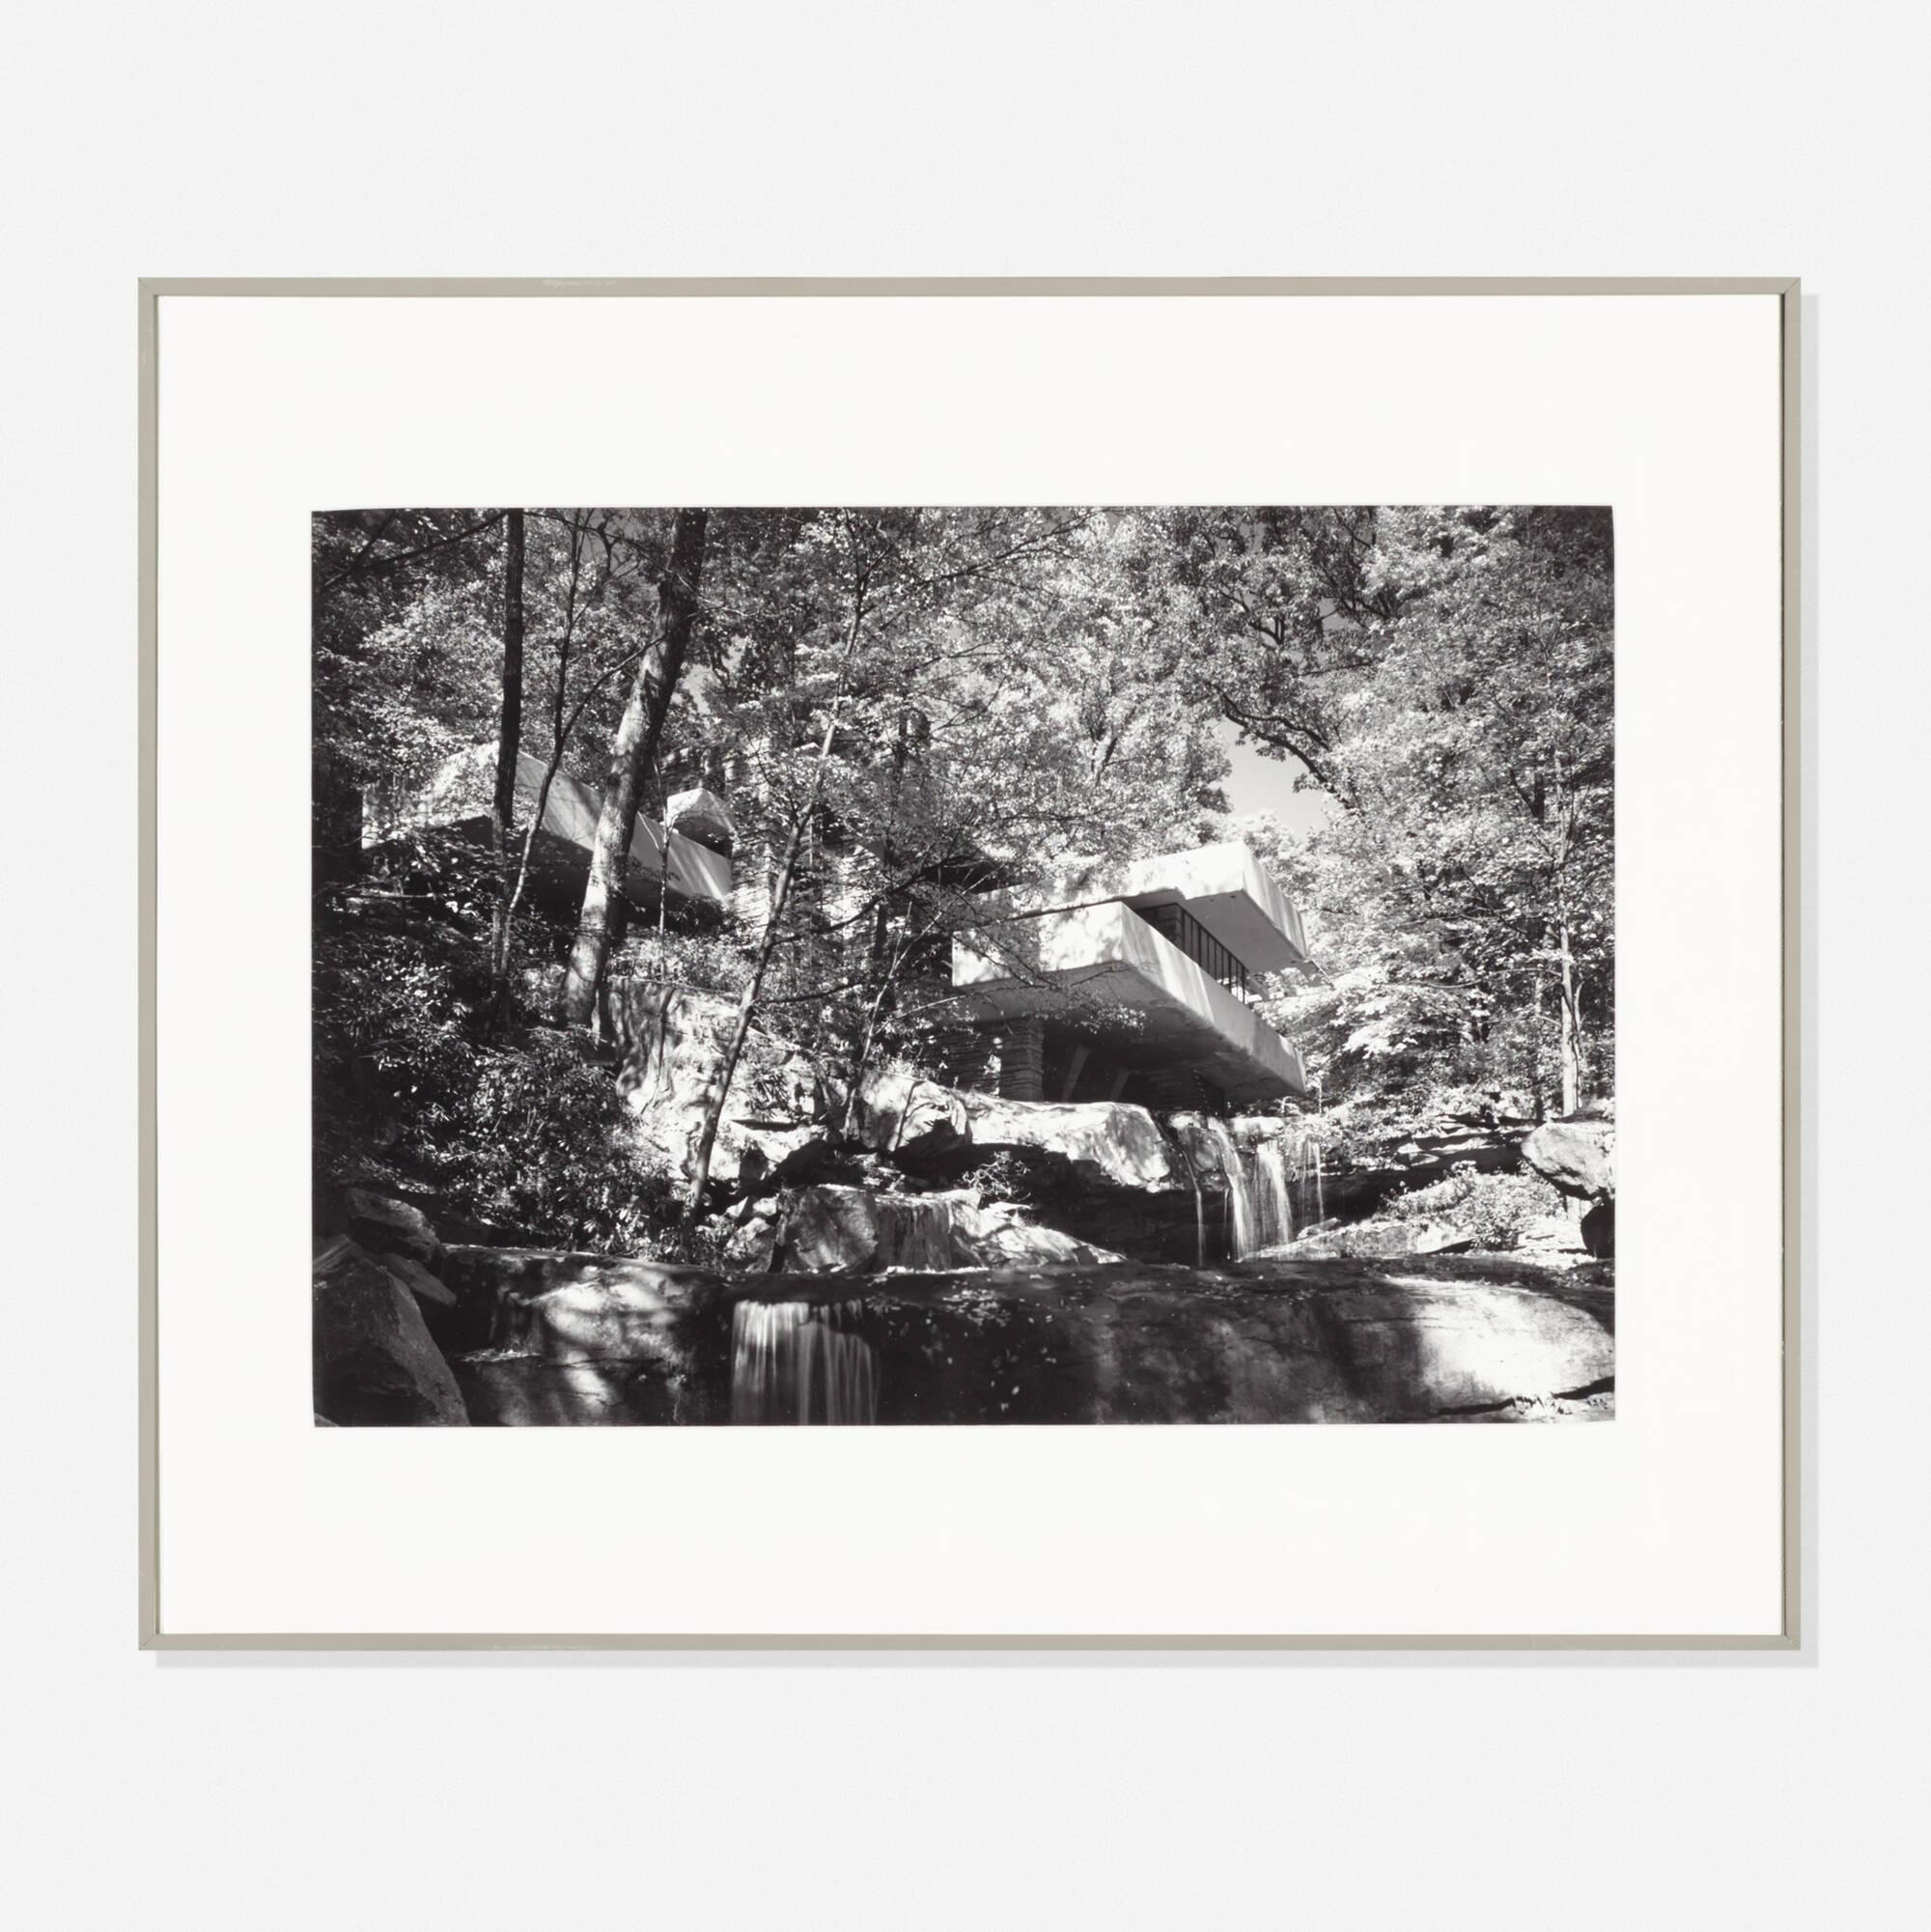 382: Ezra Stoller / Frank Lloyd Wright: Fallingwater, Bear Run, PA (1 of 1)